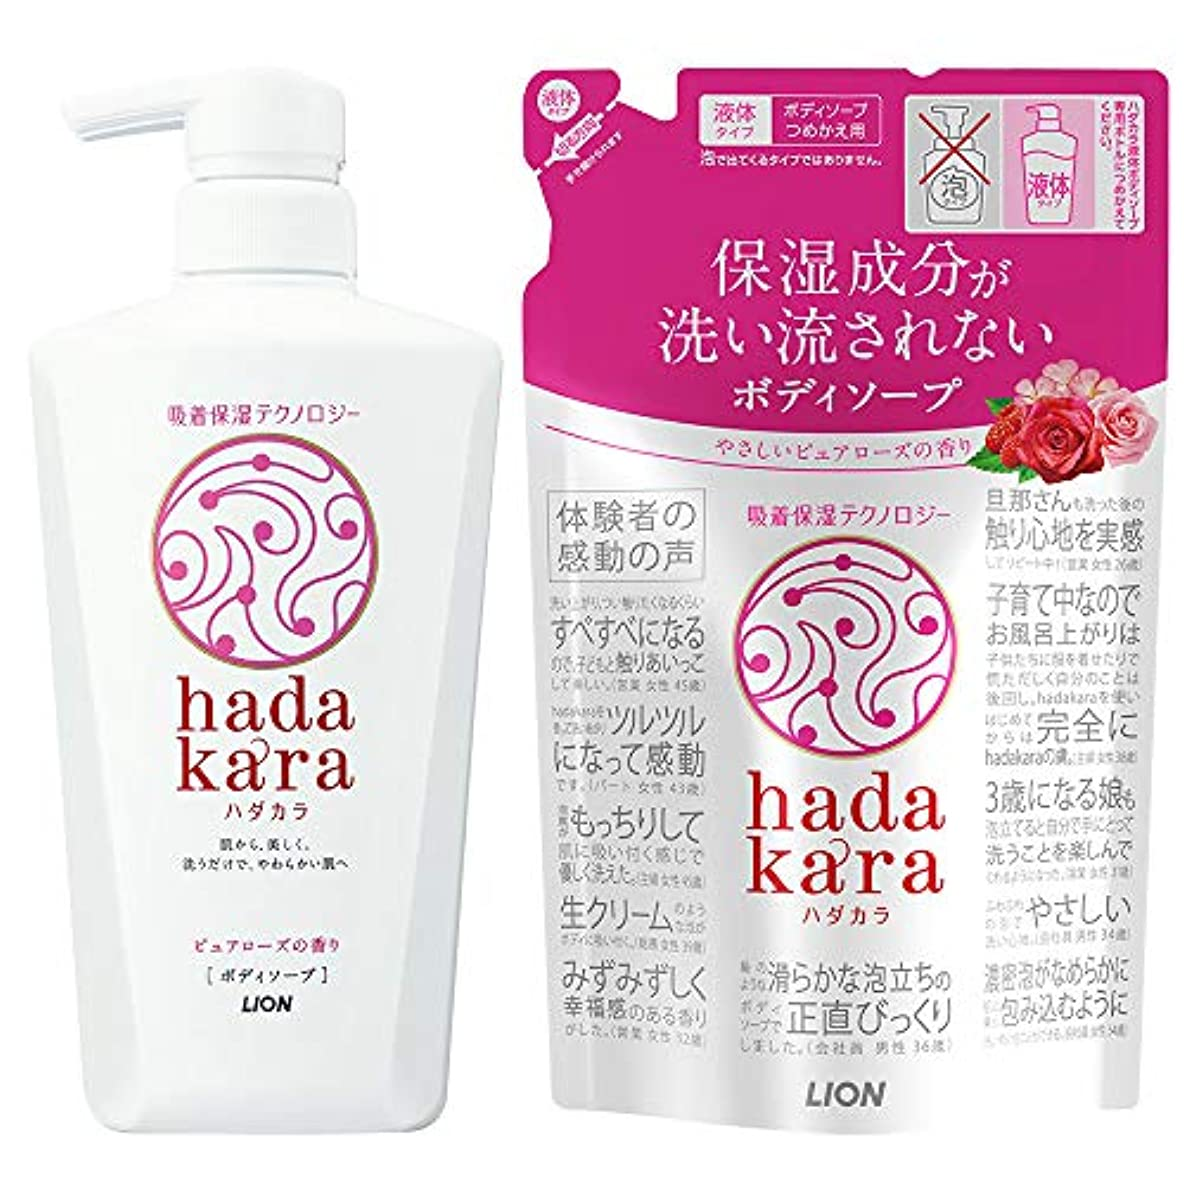 アイロニー魅力広々としたhadakara(ハダカラ) ボディソープ ピュアローズの香り 本体500ml+つめかえ360ml +